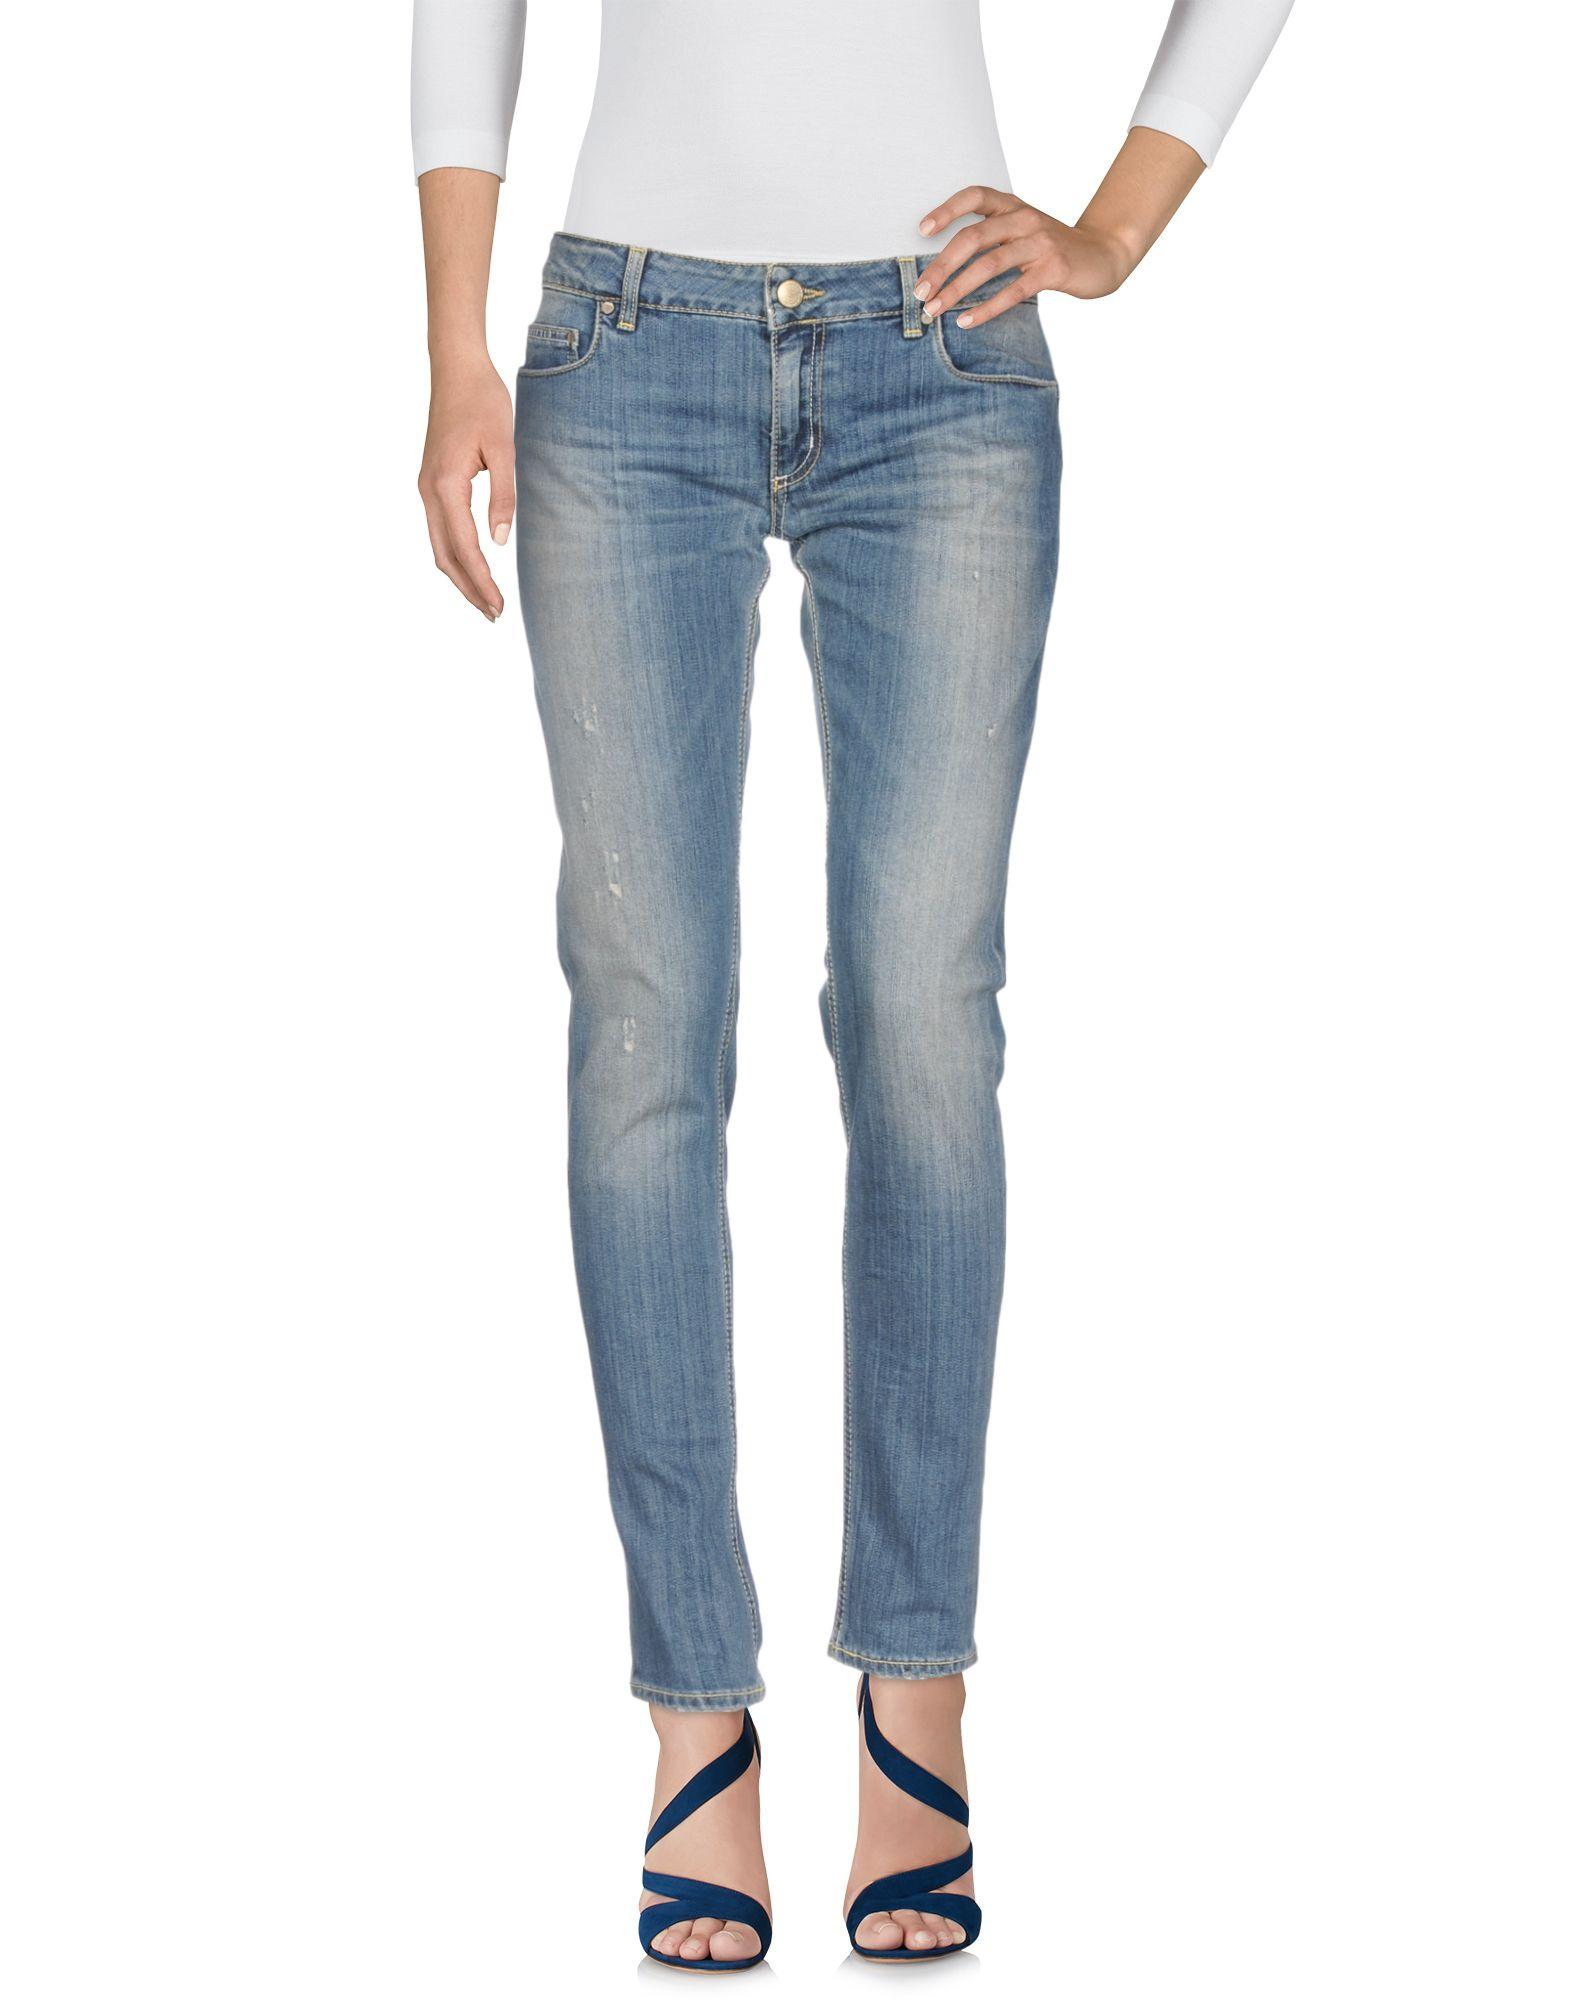 Pantaloni Jeans Dondup Donna - Acquista online su VGUEr